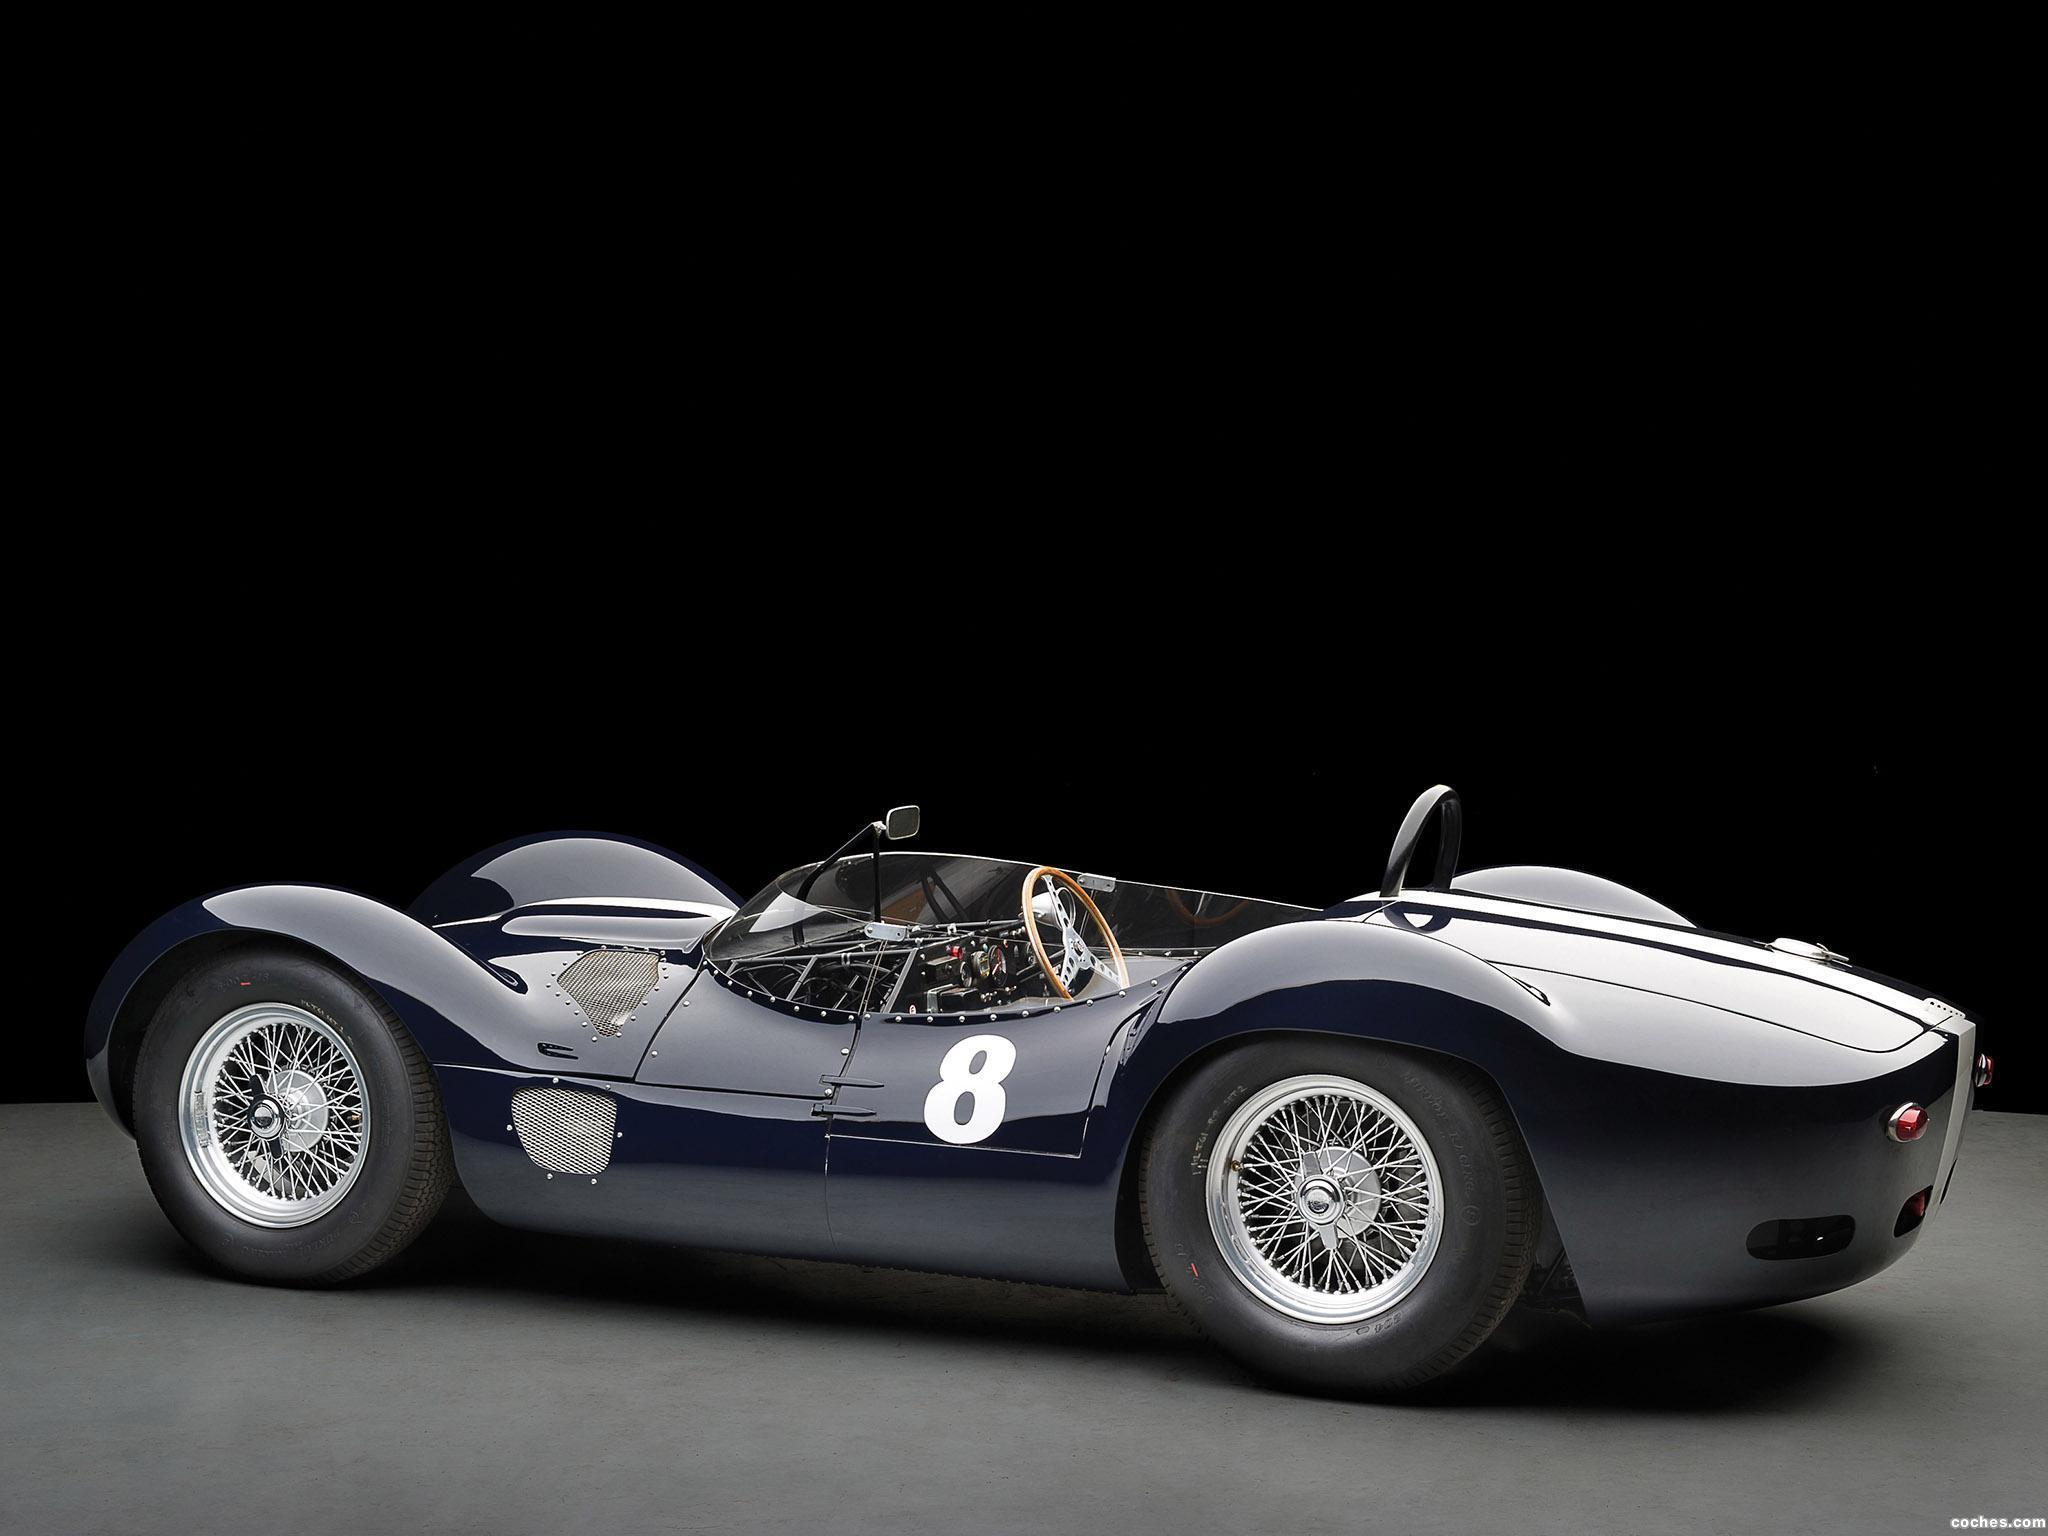 Foto 2 de Maserati Tipo 61 Birdcage 1959